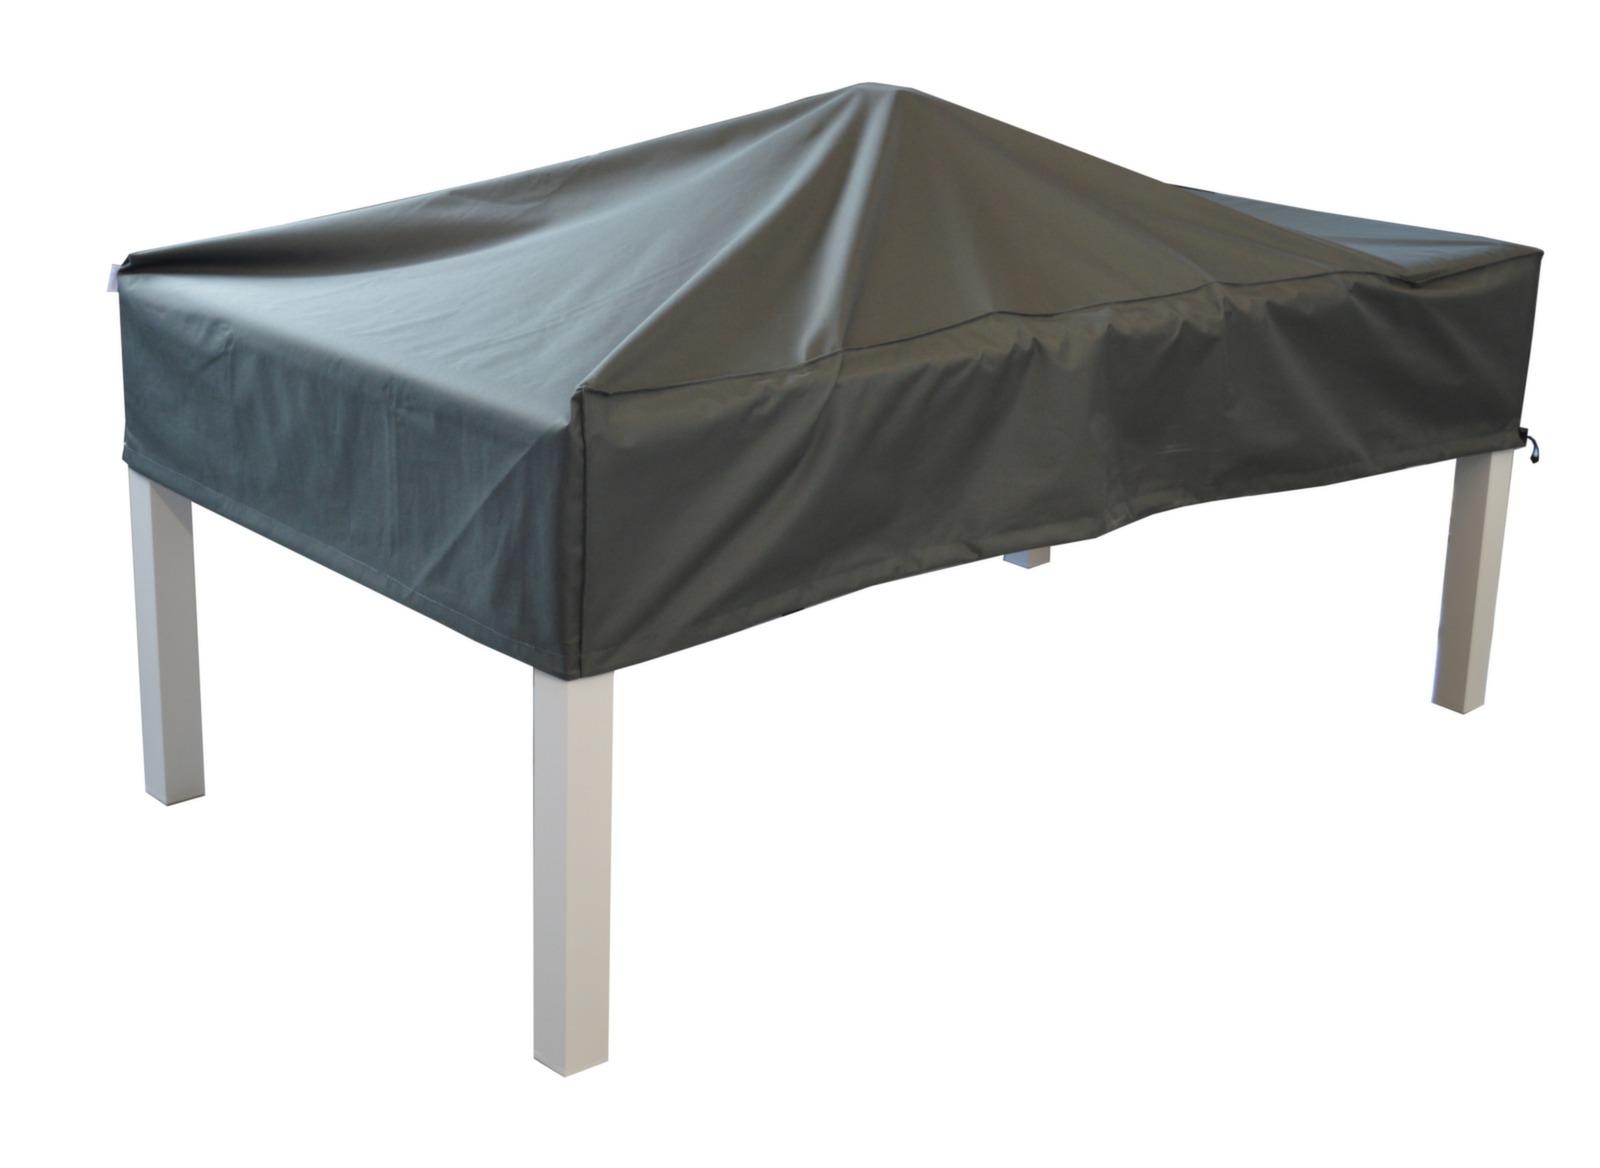 Housse de protection pour table de jardin - Proloisirs